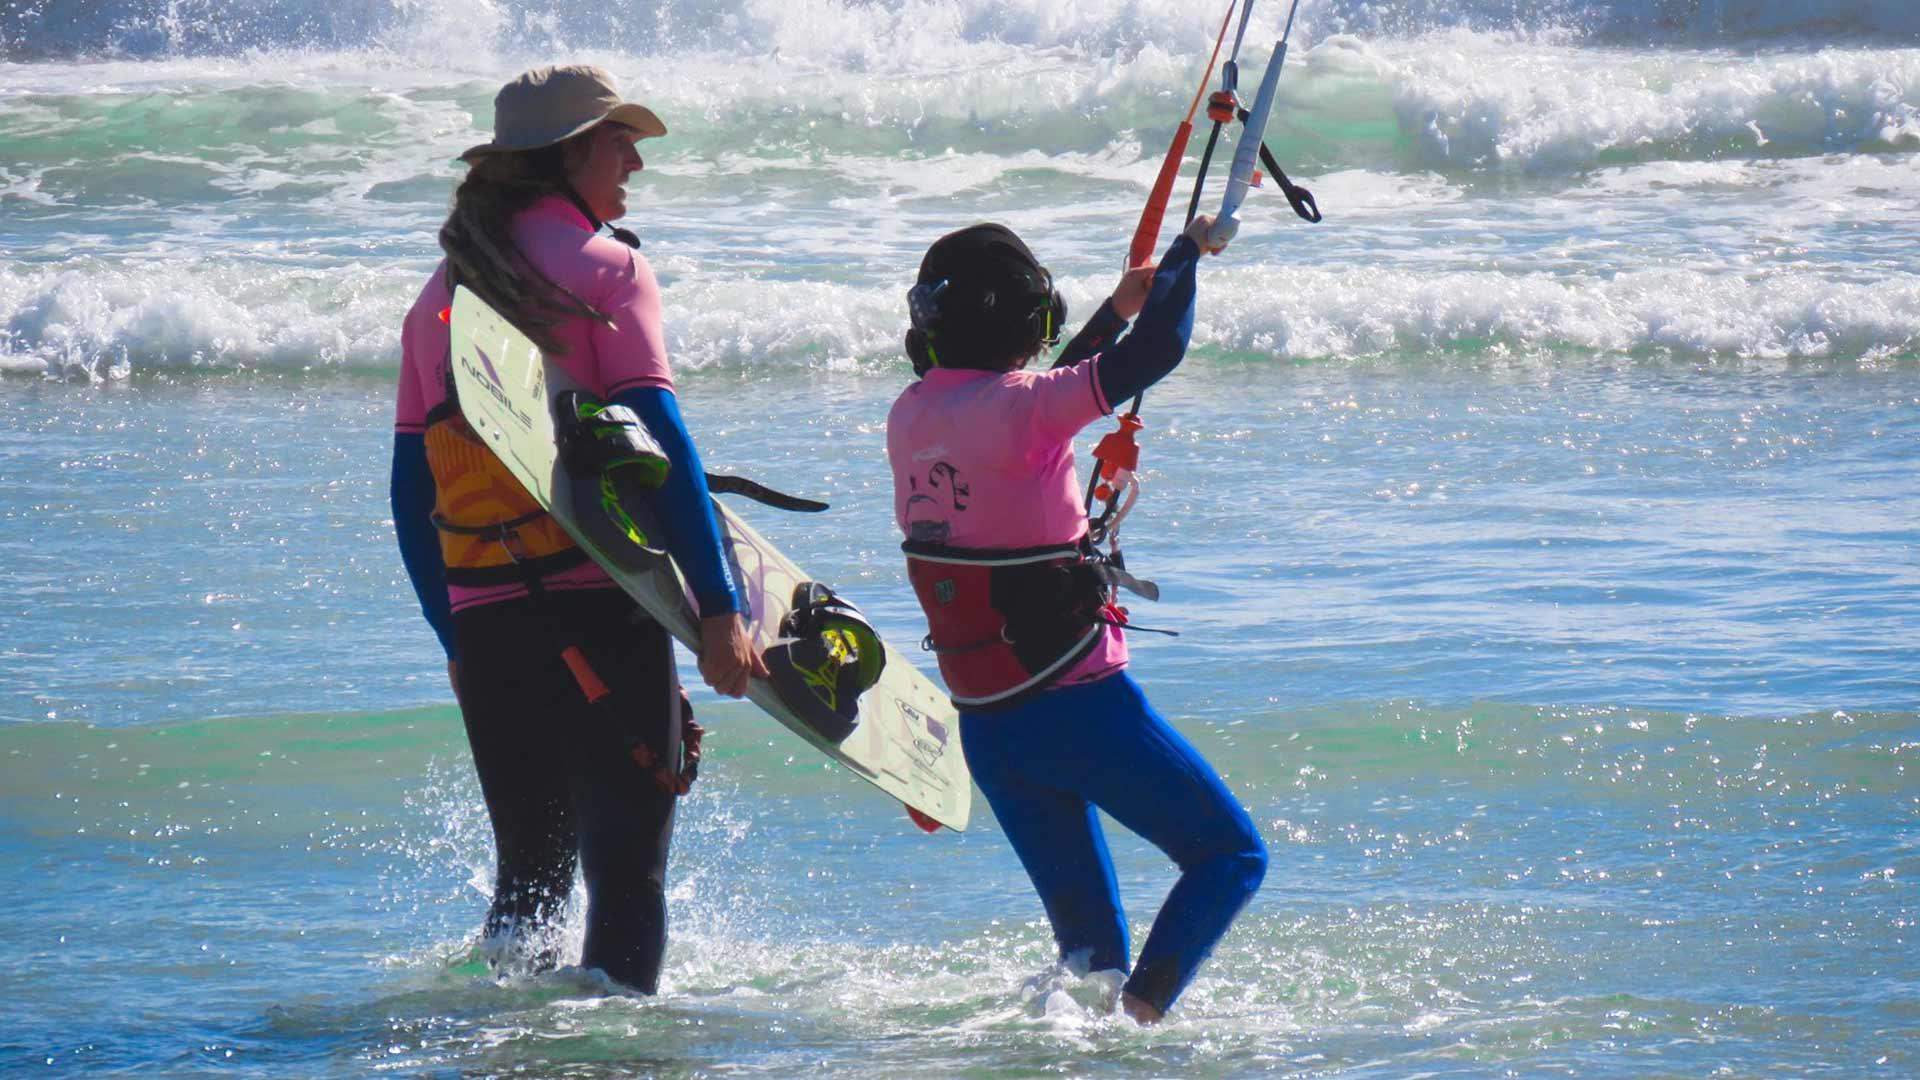 kitesurfing bond father son